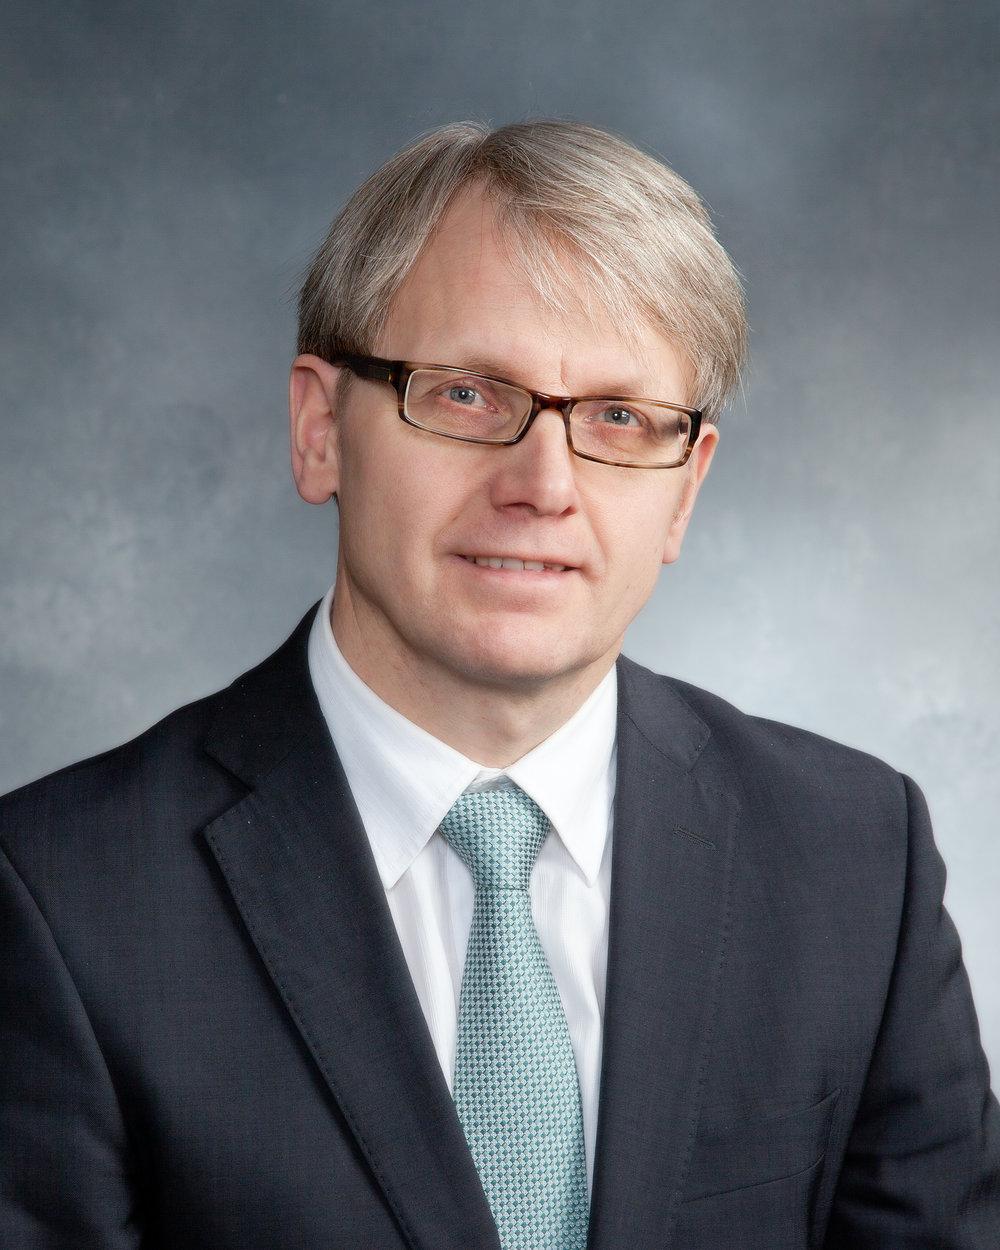 Jaakko Ylinampa - Chairman of Porokello steering group 2016-2018